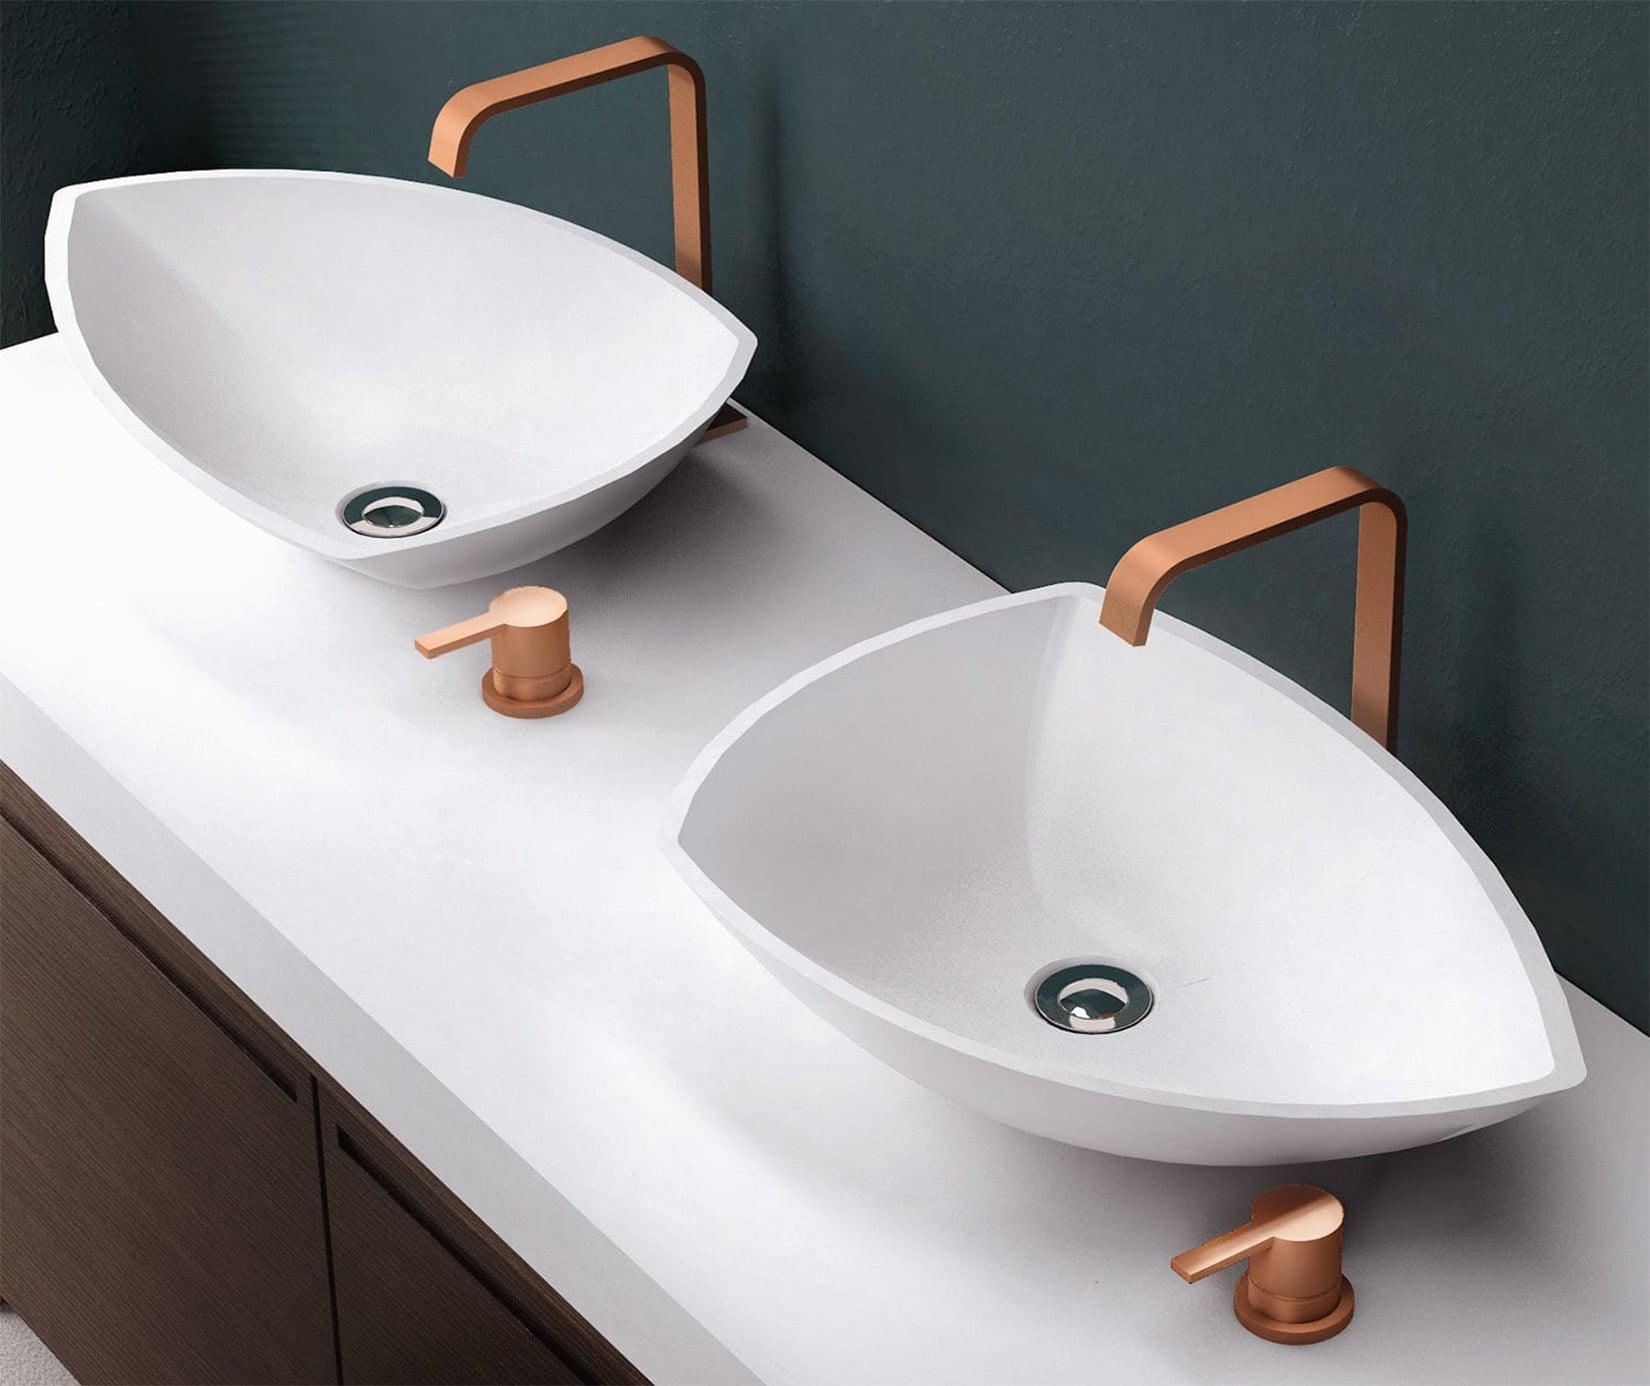 EN İYİ bir banyo için 10 modern tasarım ve özelleştirilebilir lavabo